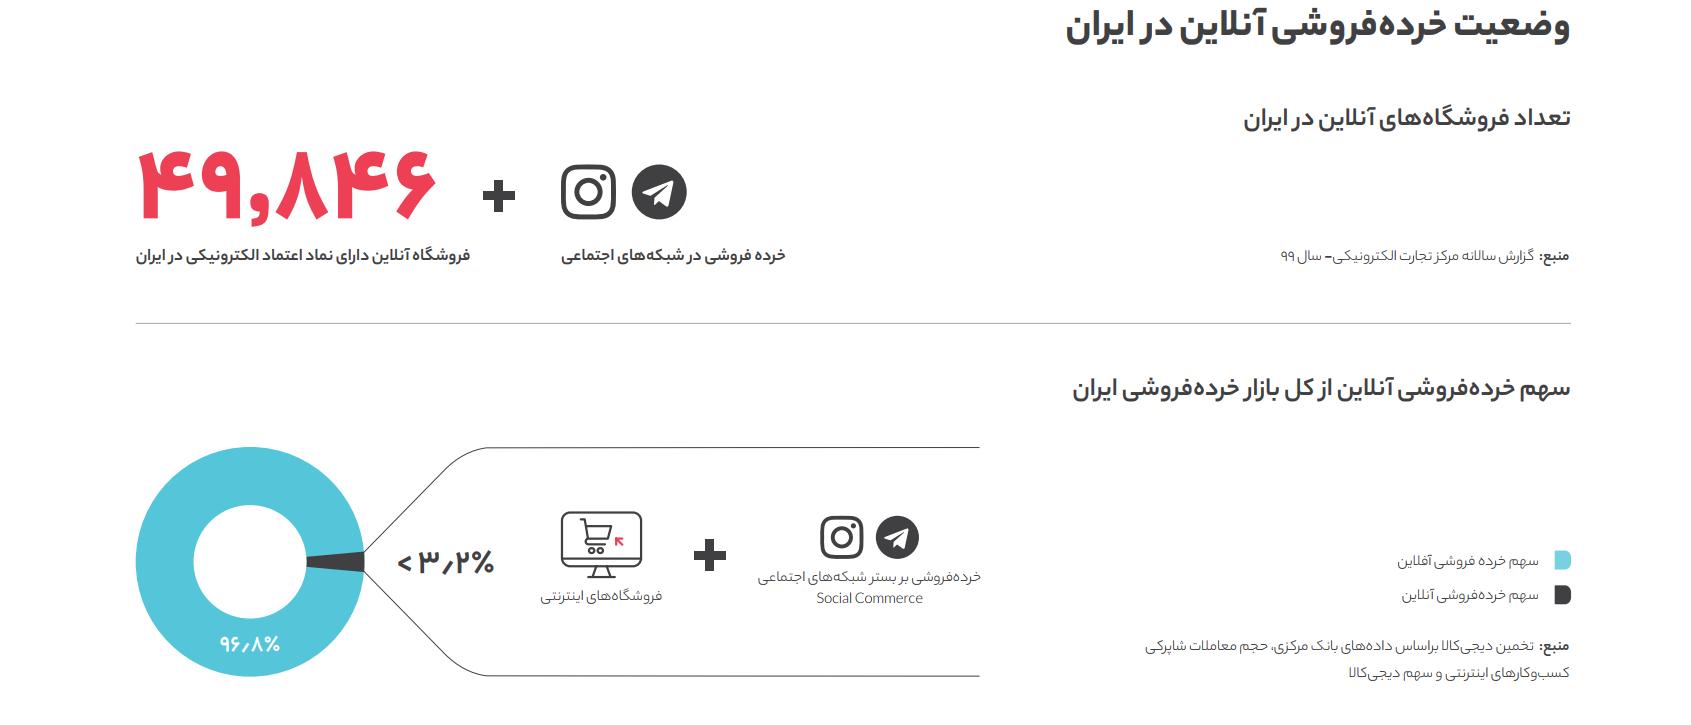 چرا  کسبوکارهای اینترنتی در ایران رونق کمی دارند؟